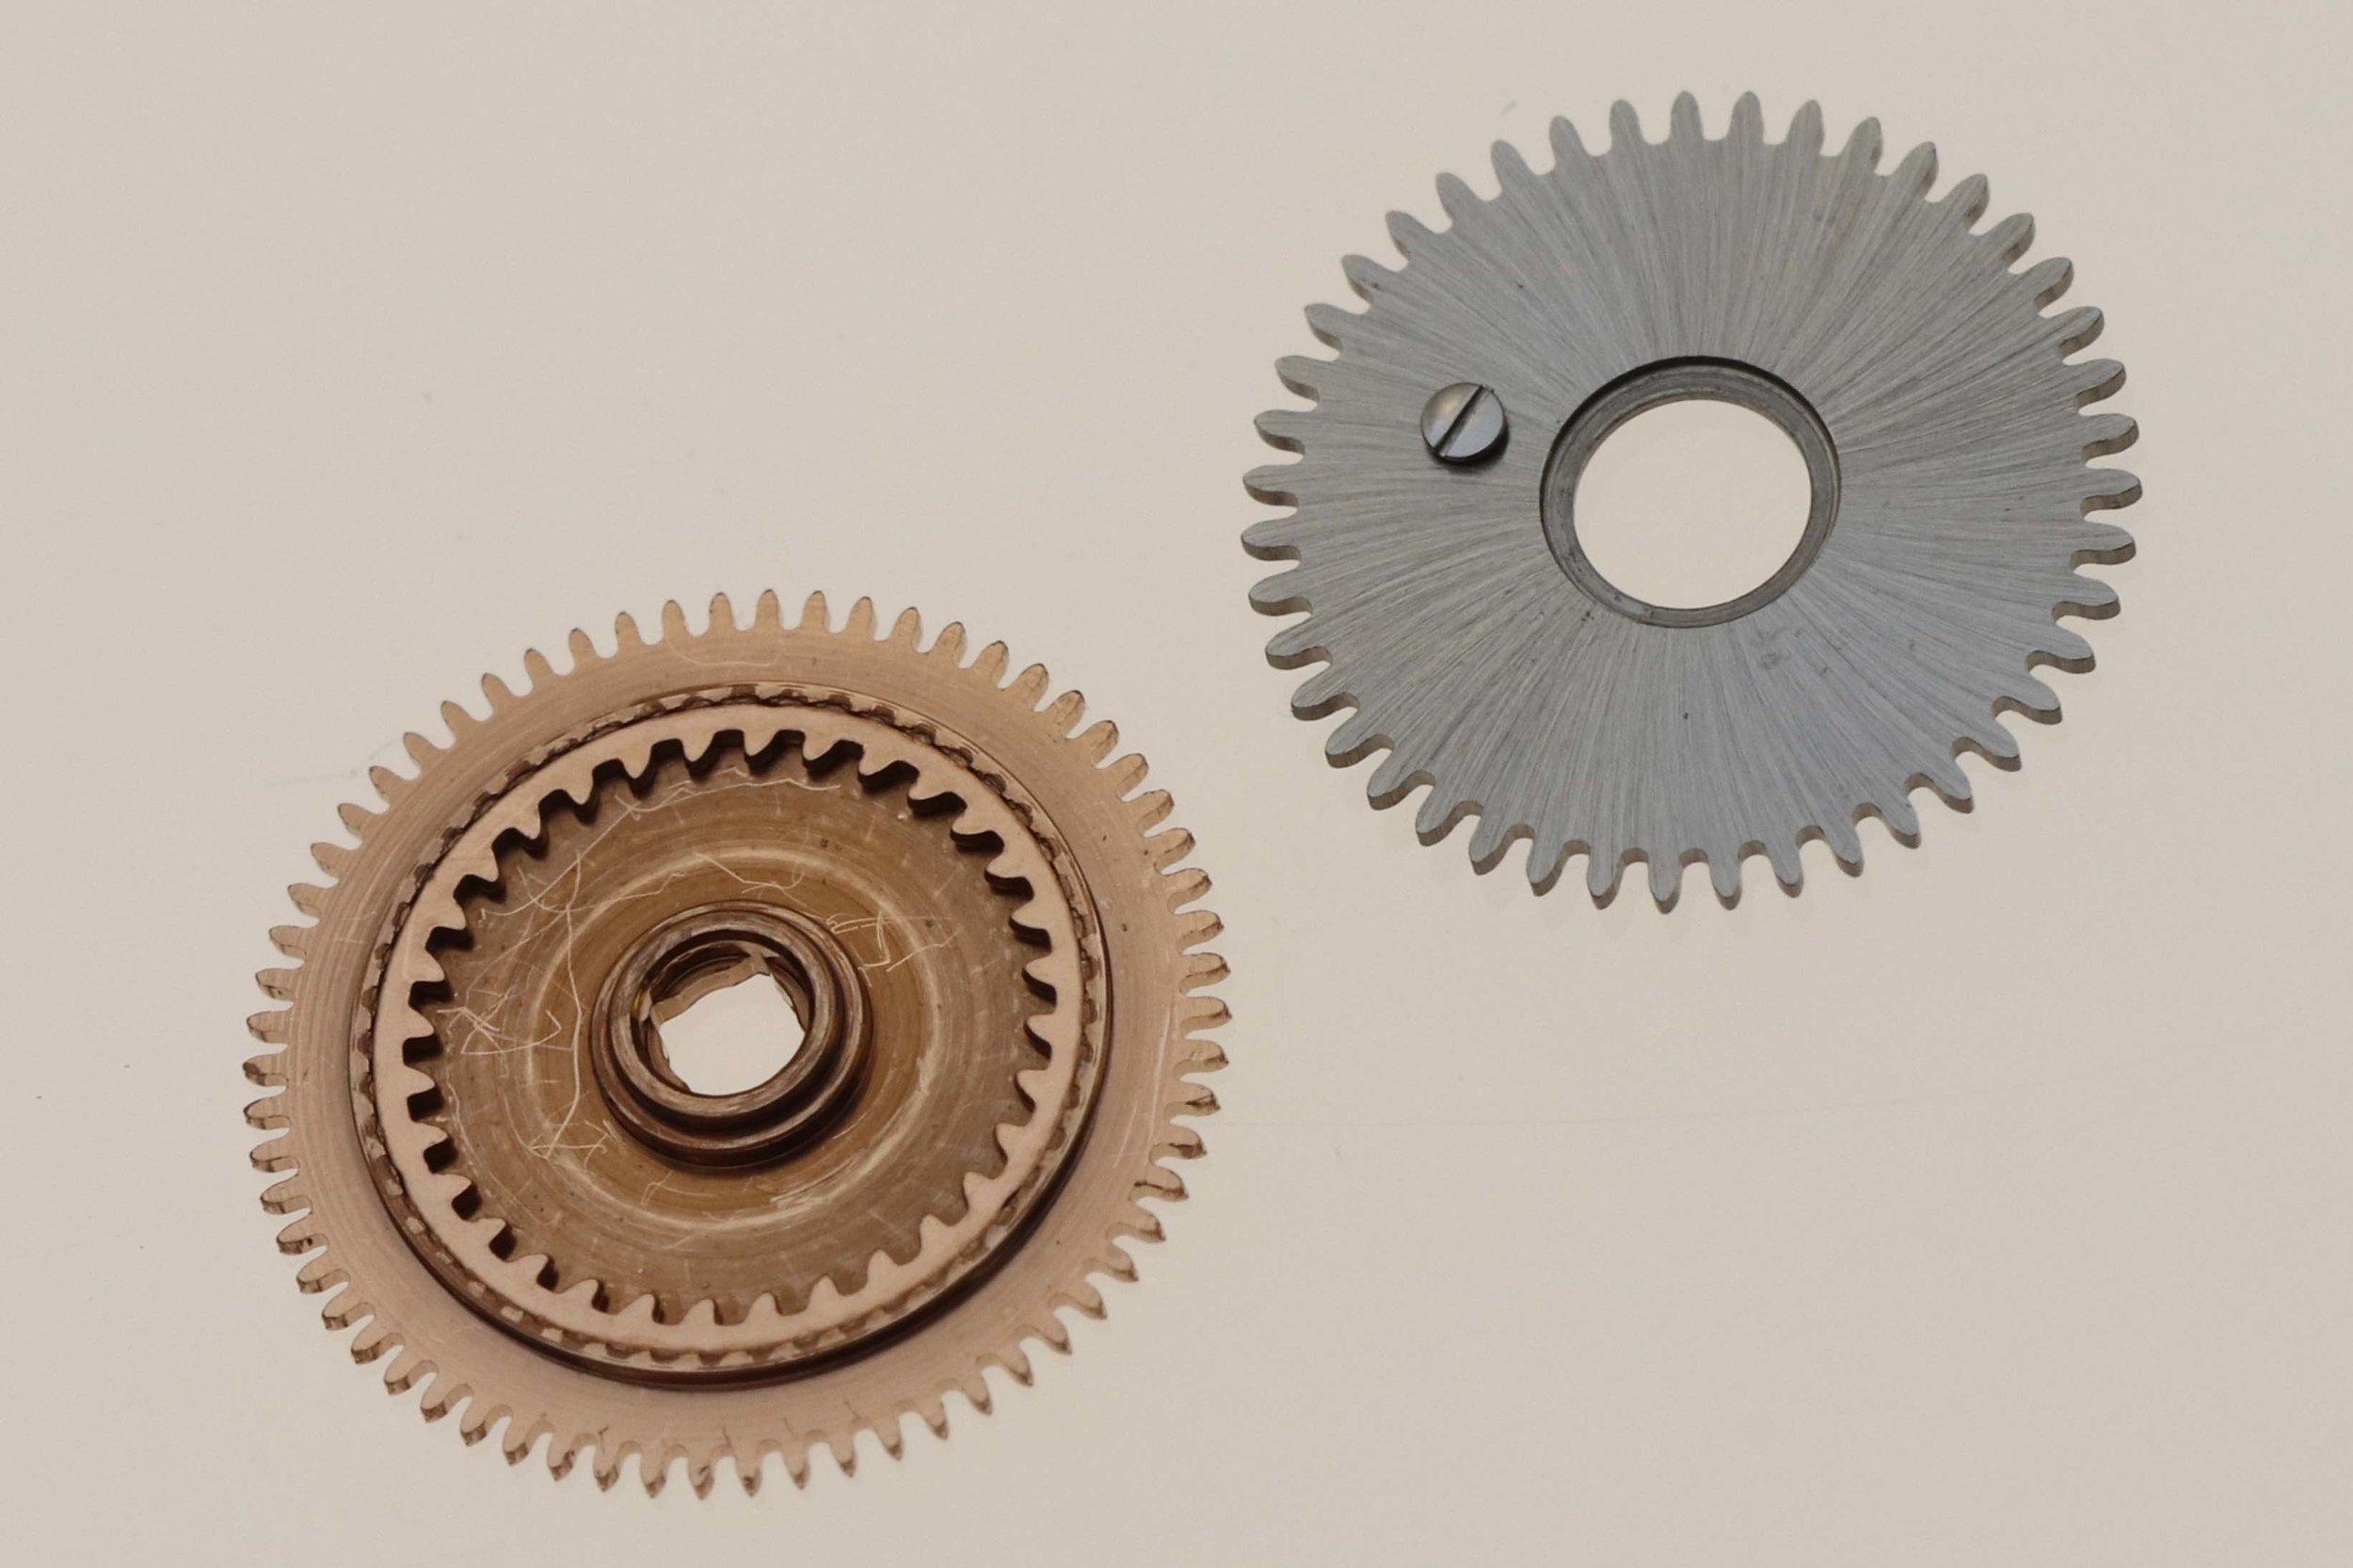 Ratchet wheels